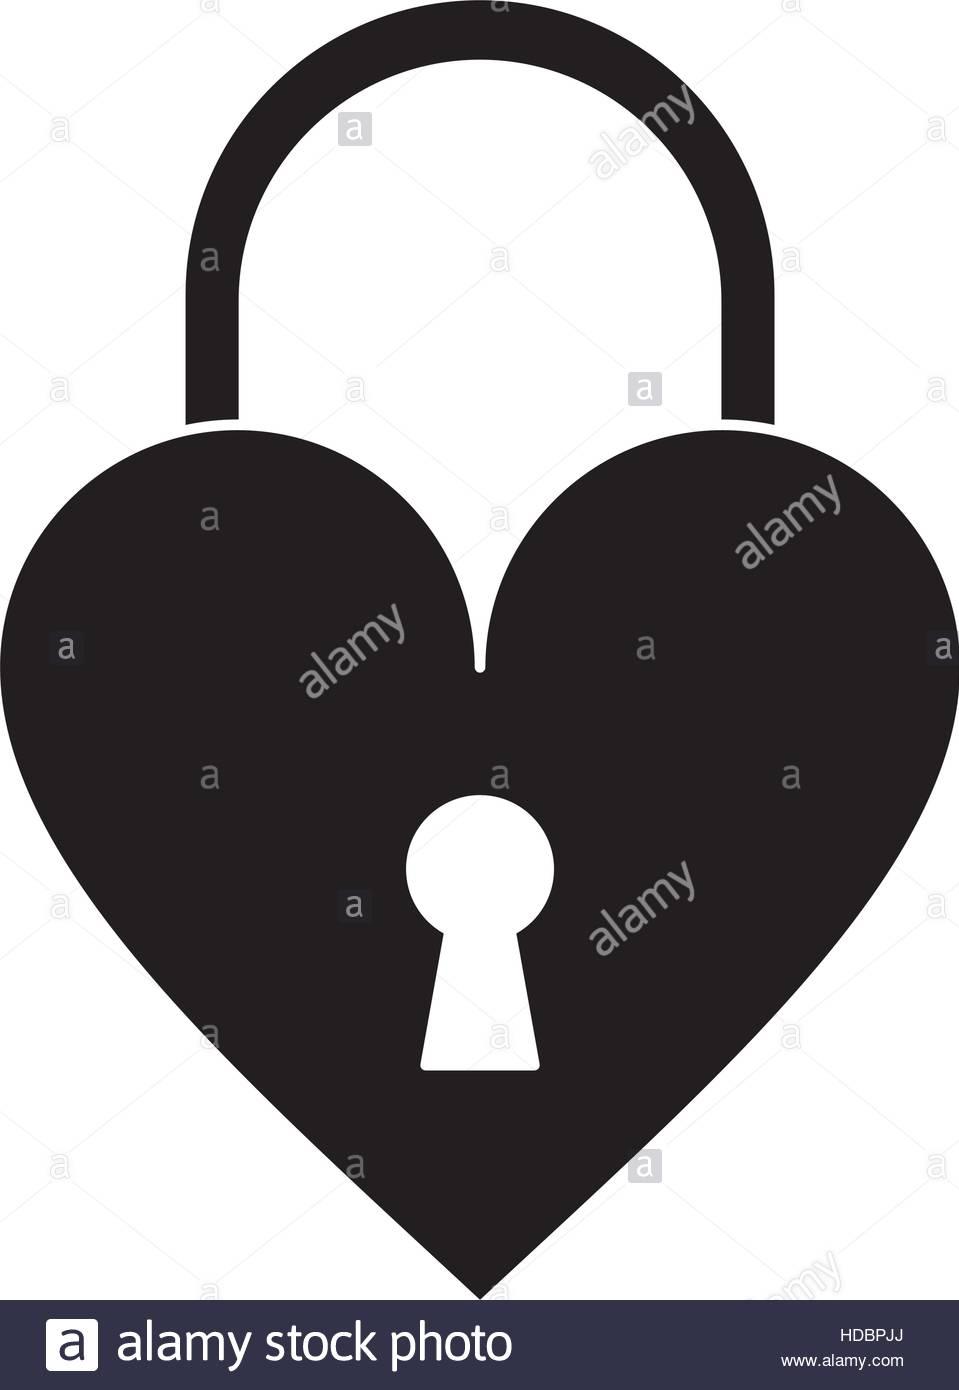 959x1390 Silhouette Padlock Shaped Heart Loved Stock Vector Art